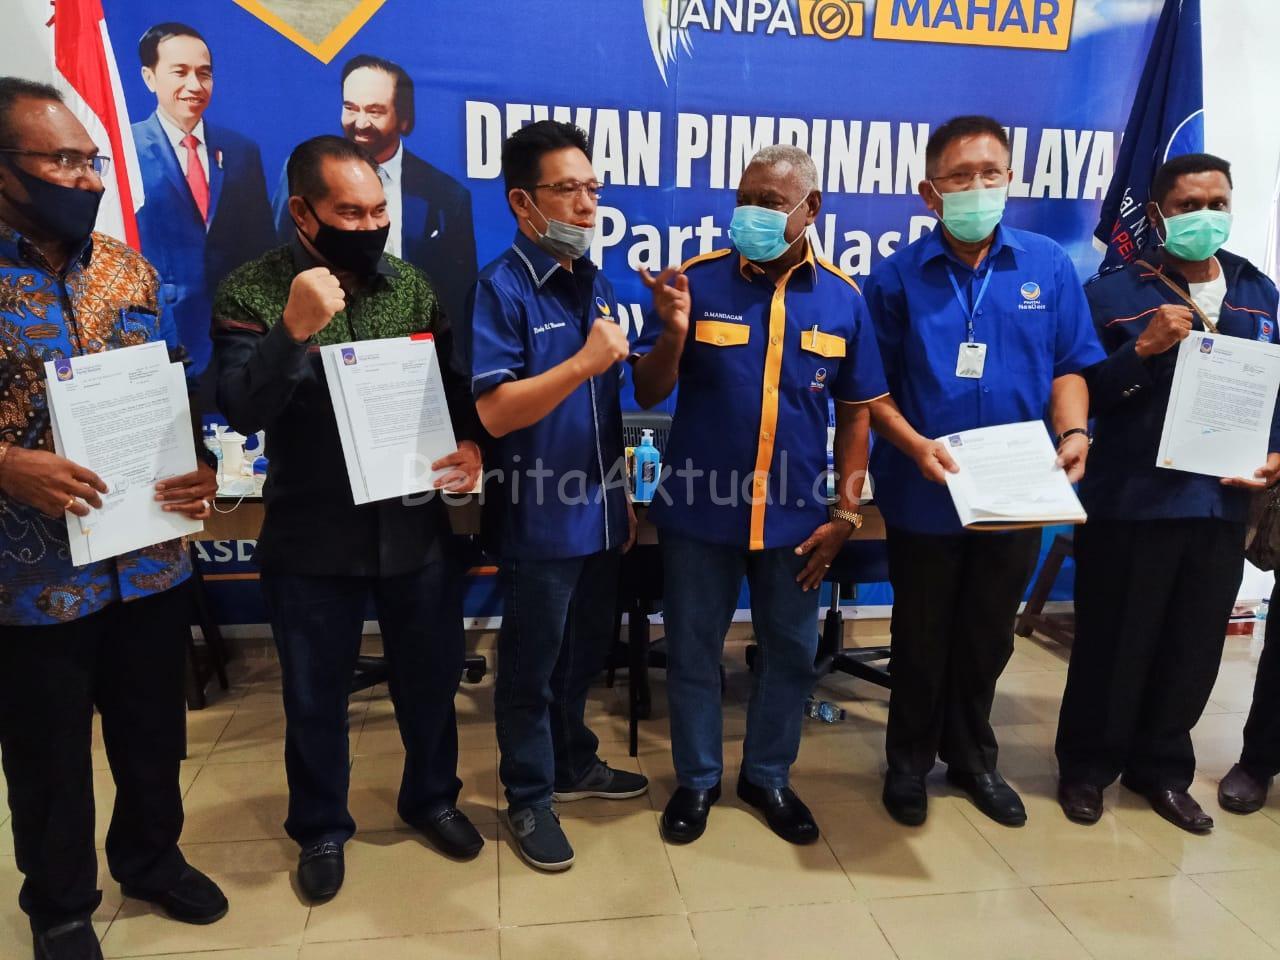 DPW Nasdem PB Beri Rekomendasi ke 5 Paslon Cabup-Cawabup Pilkada 2020 3 IMG 20200725 WA0081